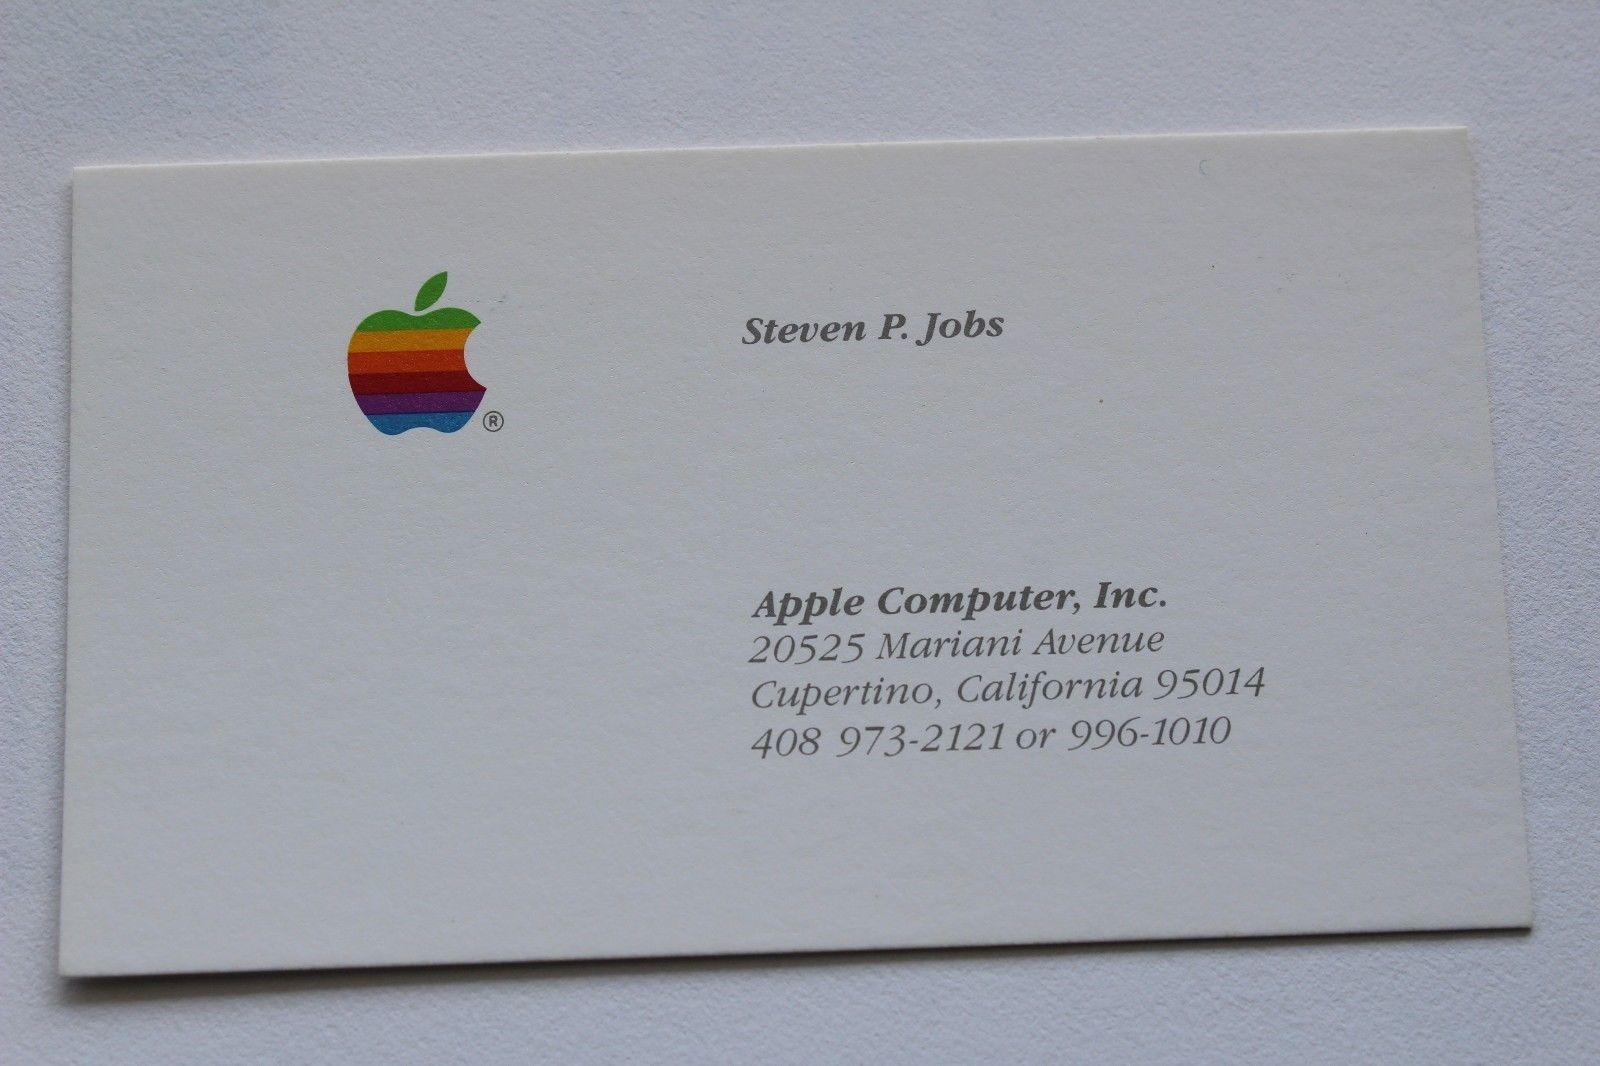 Steve Jobs 1985 business card | Steve the cool | Pinterest | Steve ...